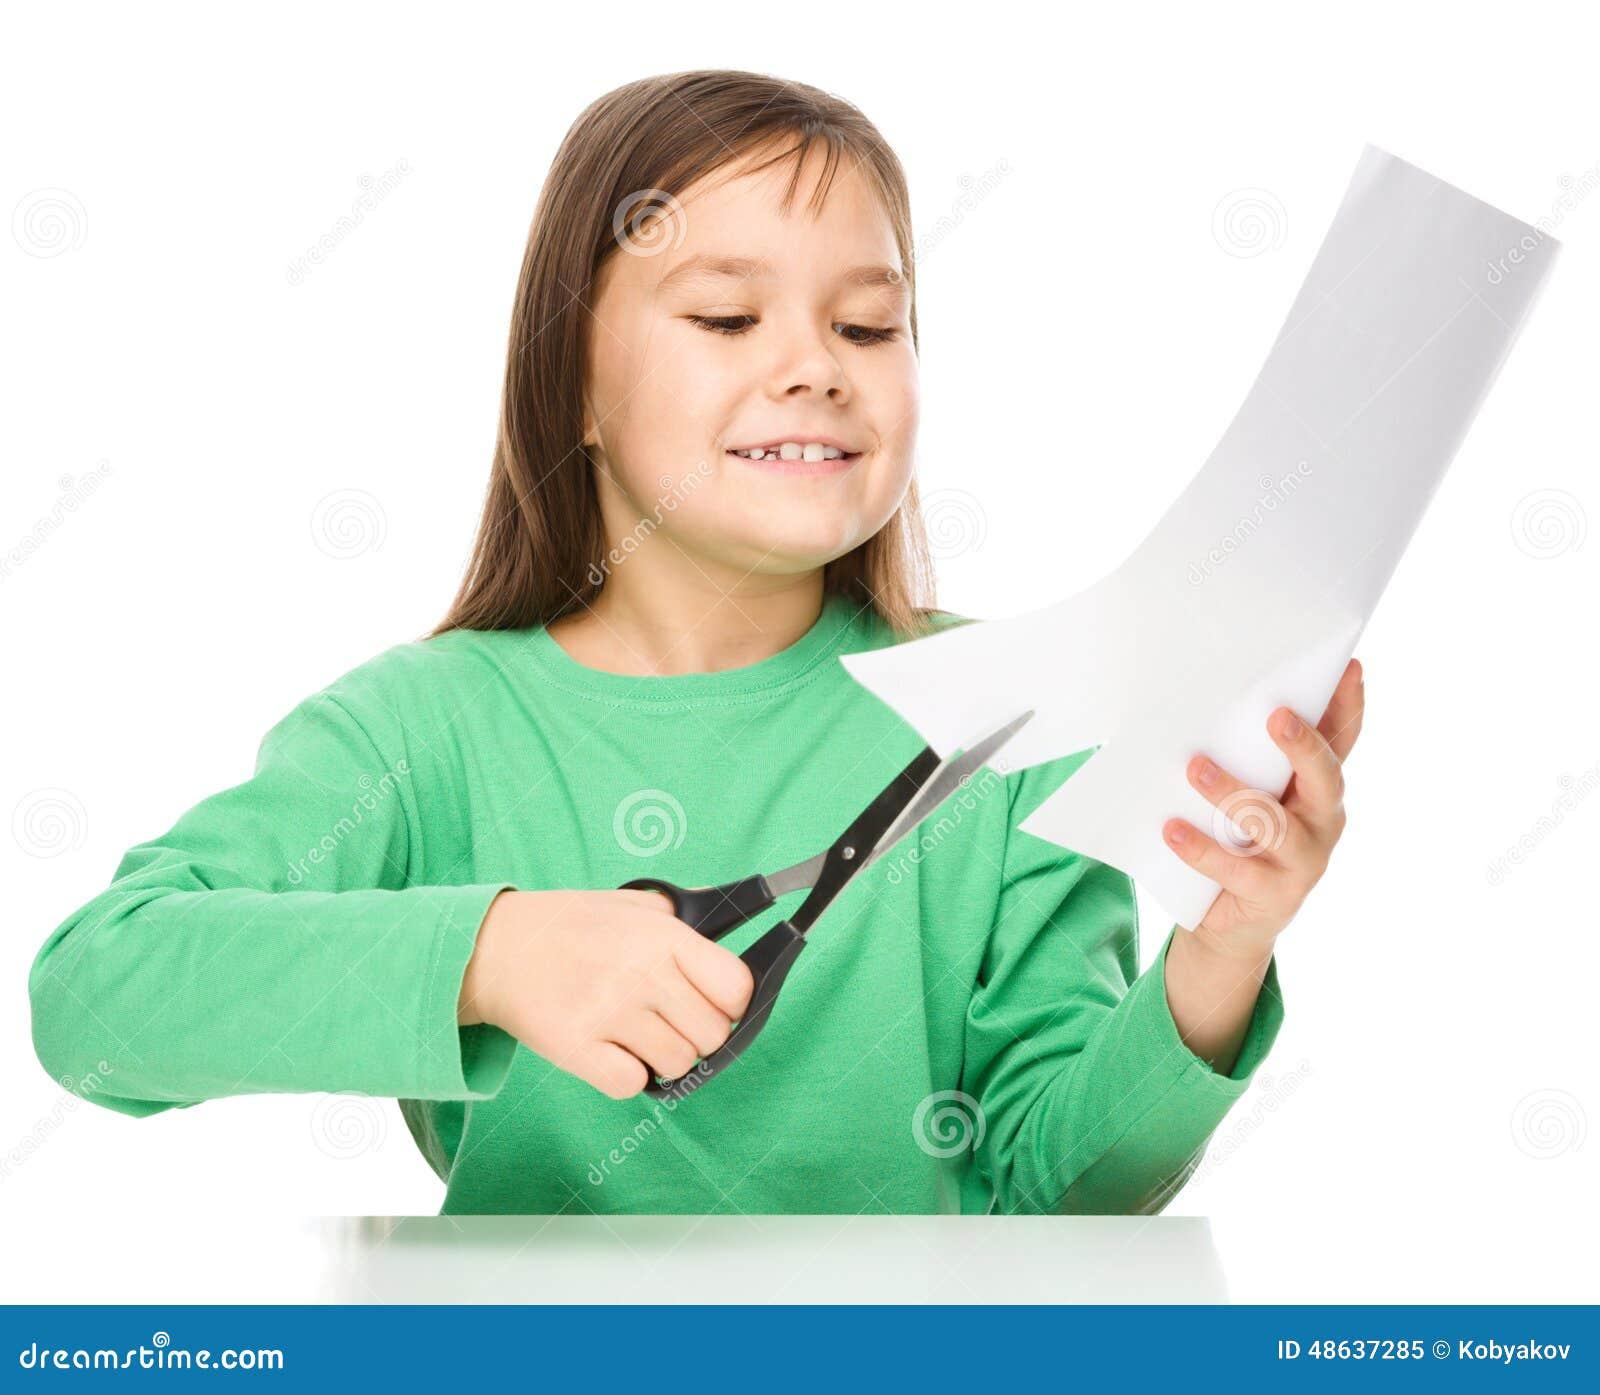 Lilla flickan klipper papper genom att använda sax